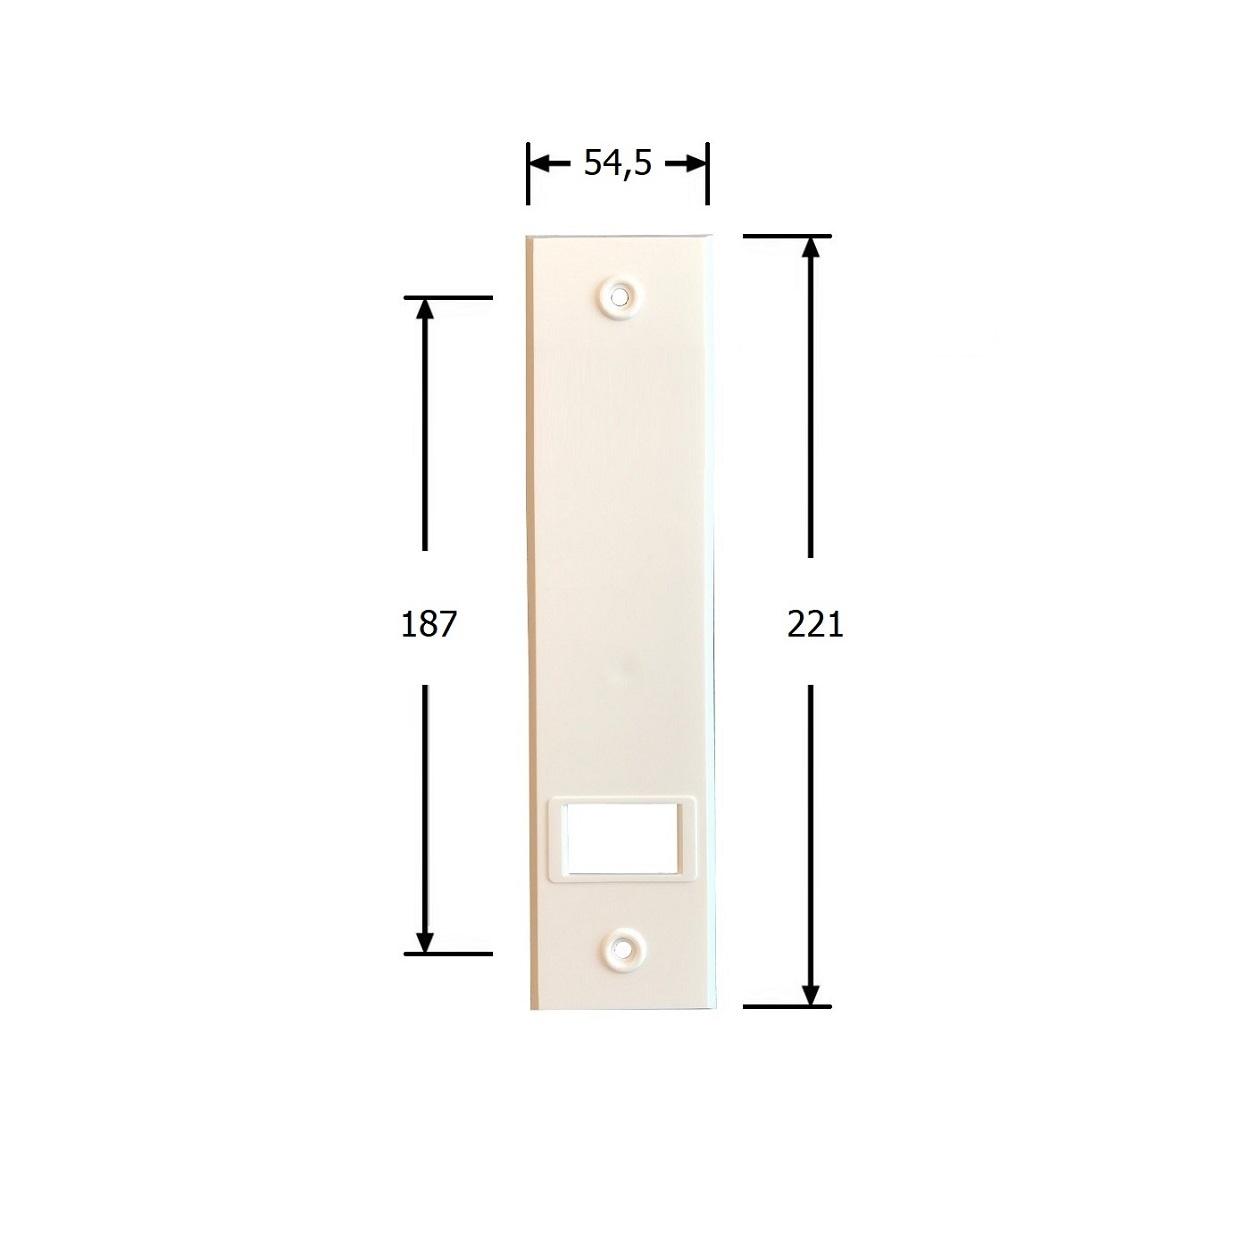 Selve Bandopwinder inbouw, 13,5 mtr, dekplaat 221x54 mm, kleur wit